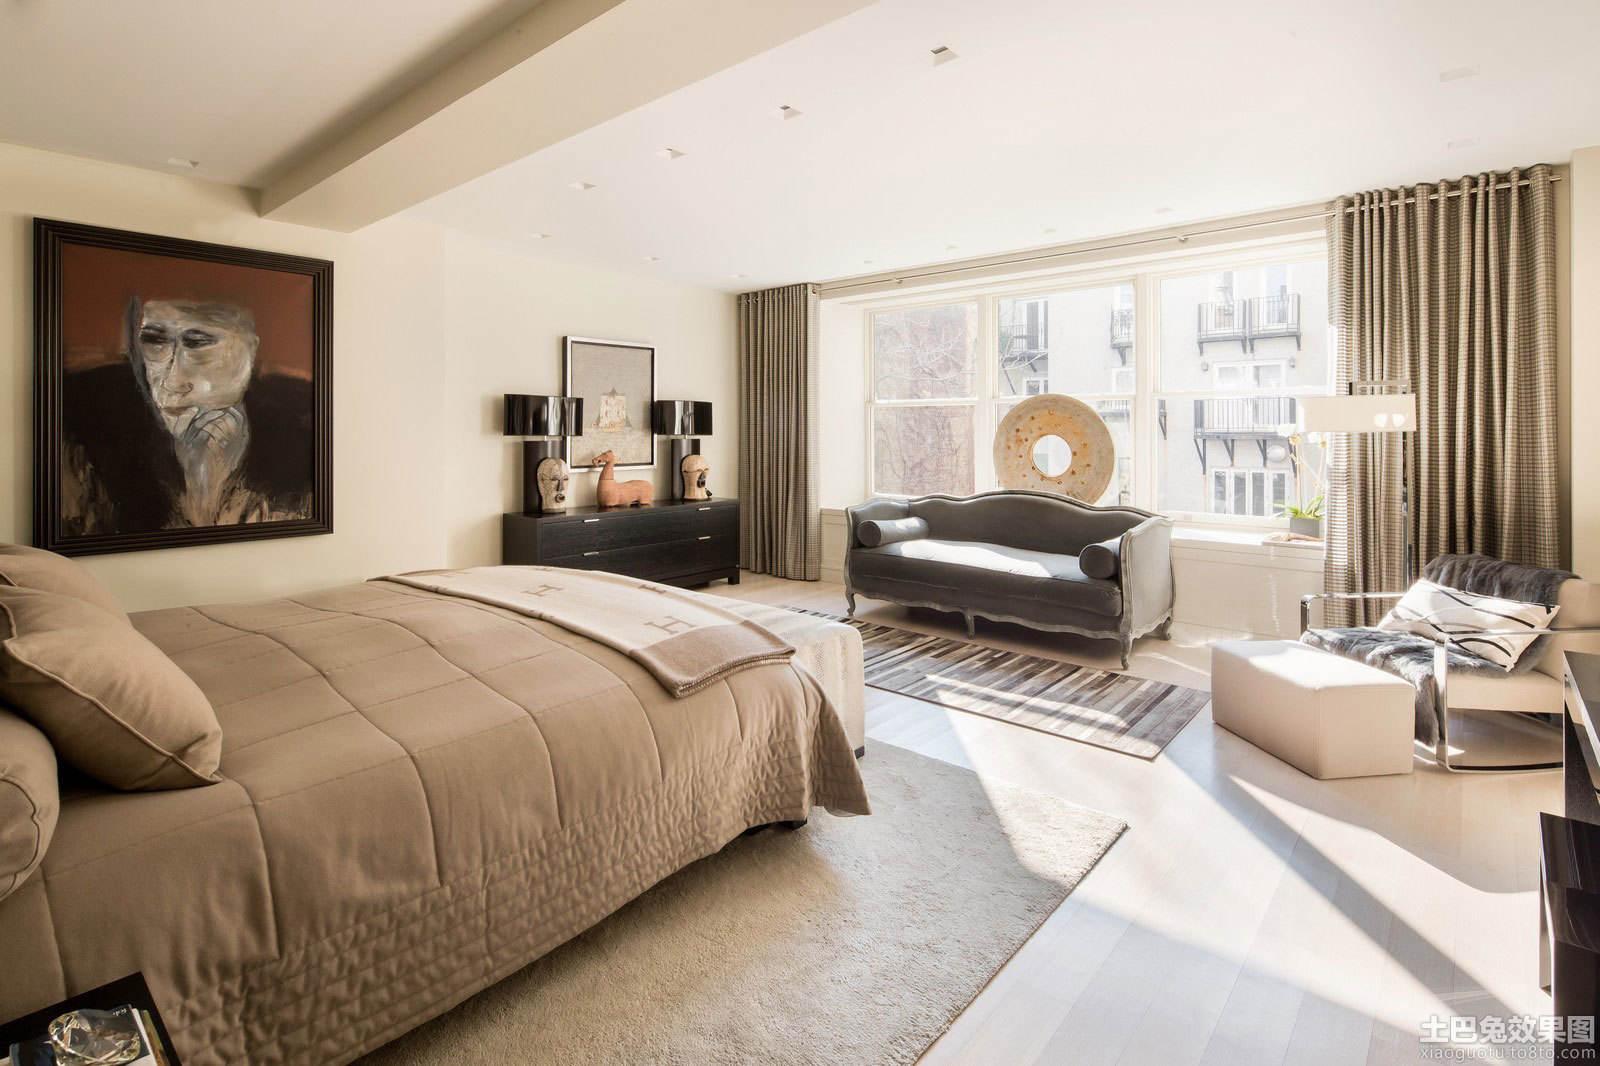 现代创意卧室装修风格_第8张 - 九正家居装修效果图